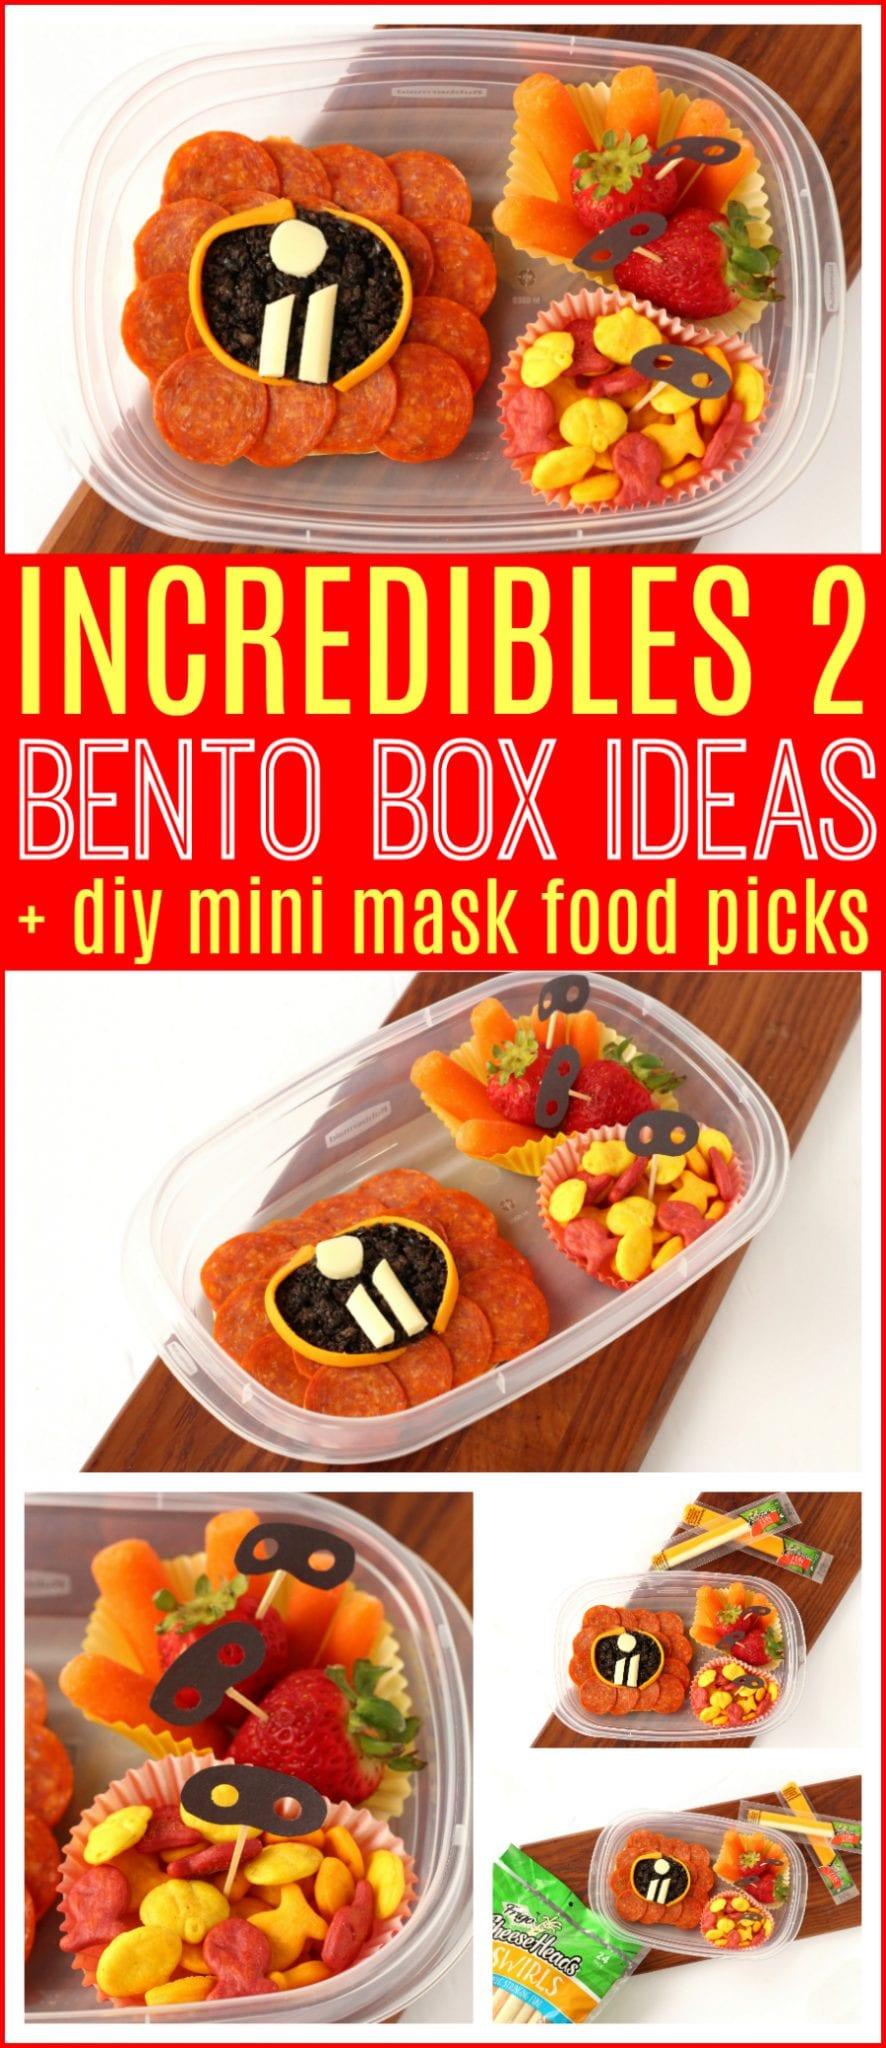 Incredibles 2 bento box ideas